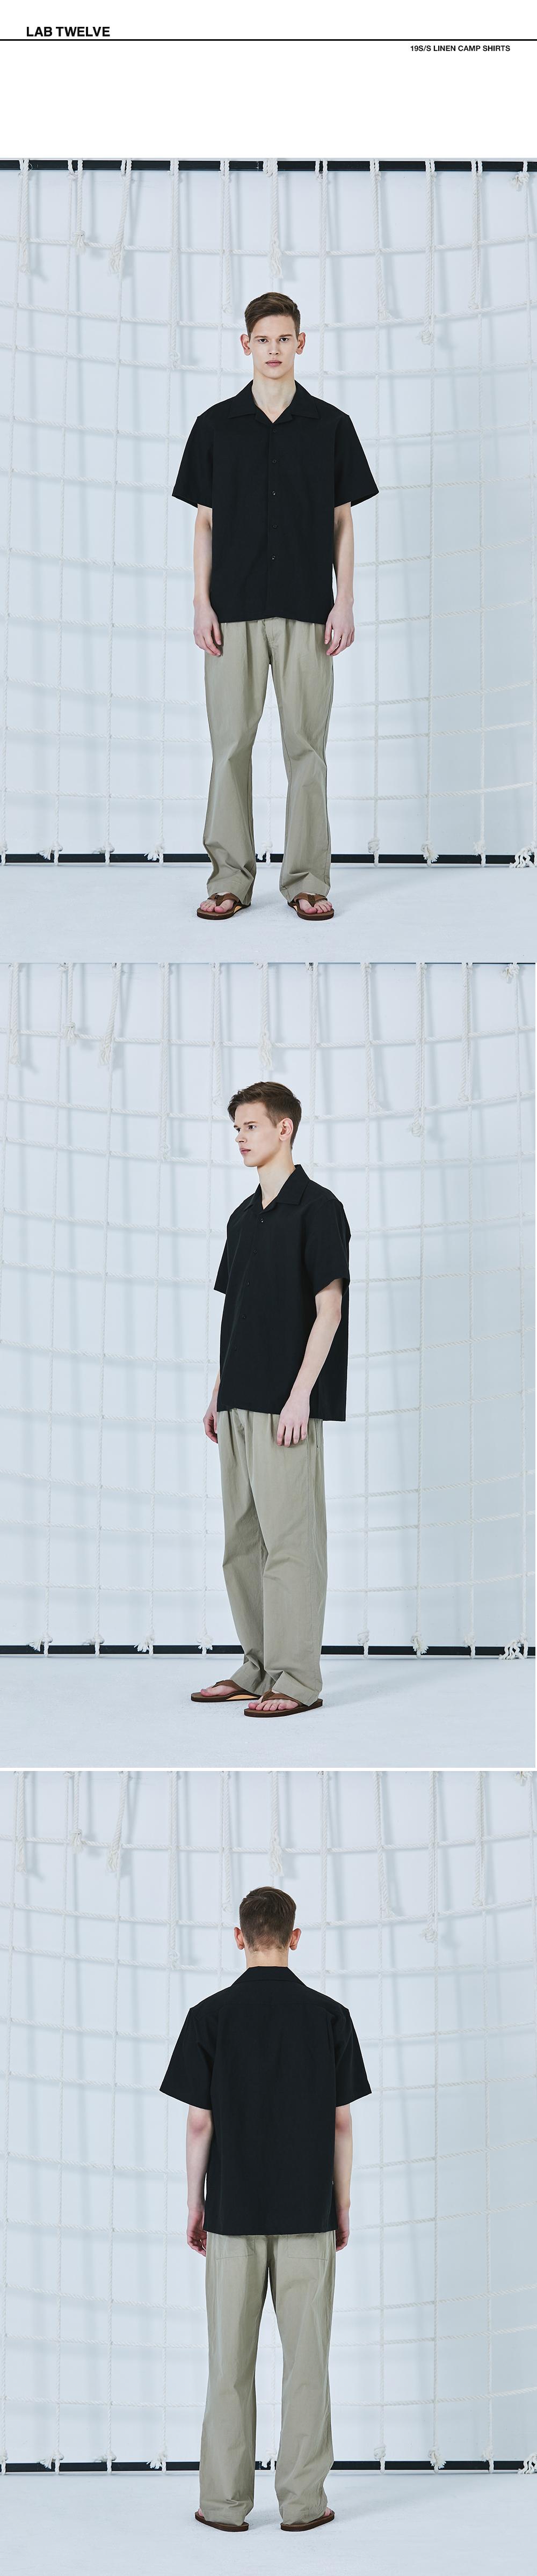 랩12(LAB12) 19S/S 린넨 캠프 셔츠 (블랙)